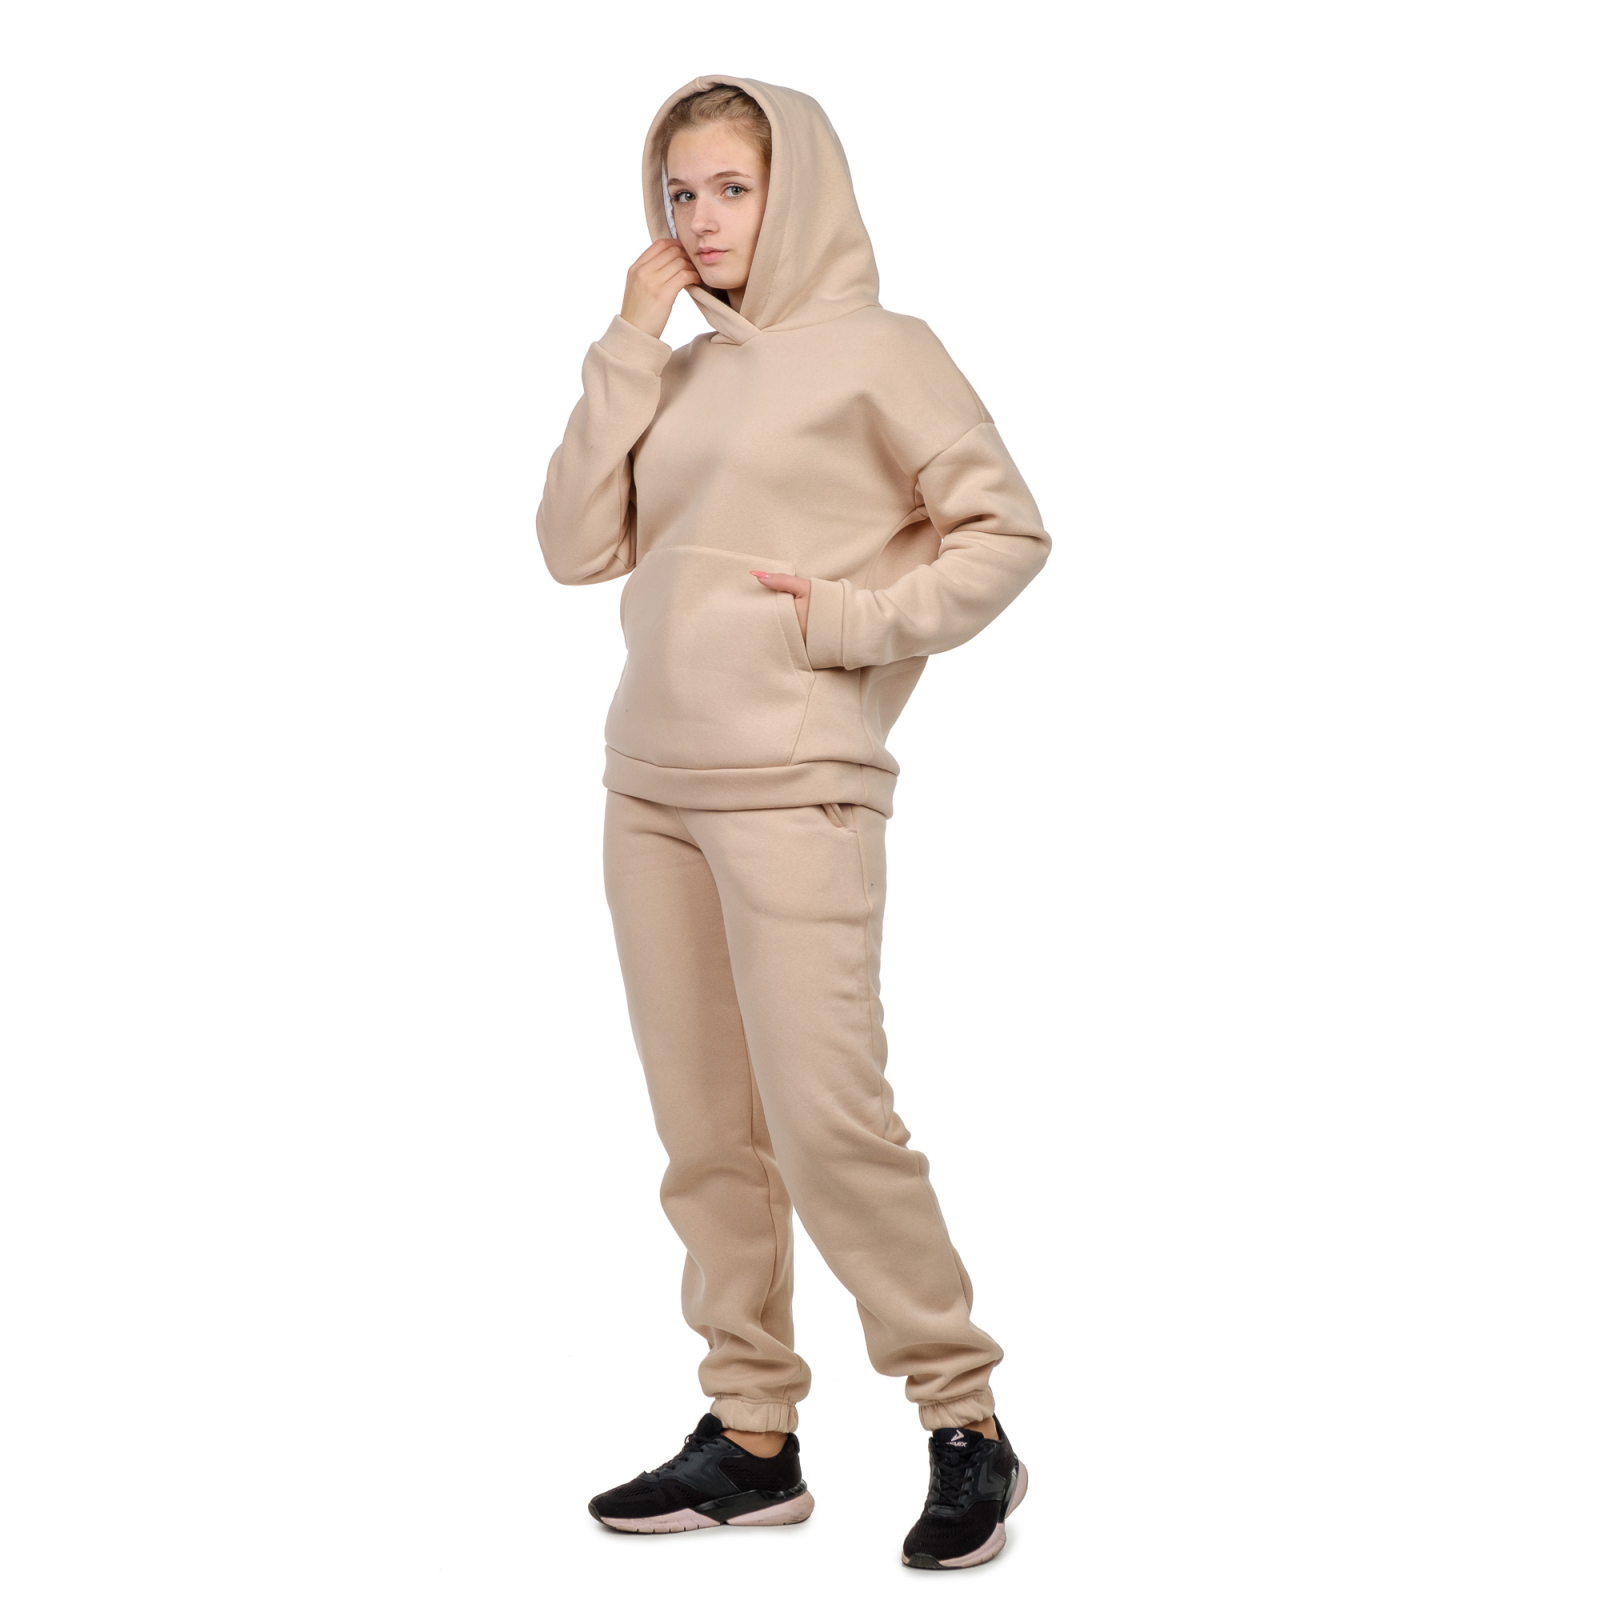 Костюм с начёсом Беж (худи+брюки) М-0186БЕЖ